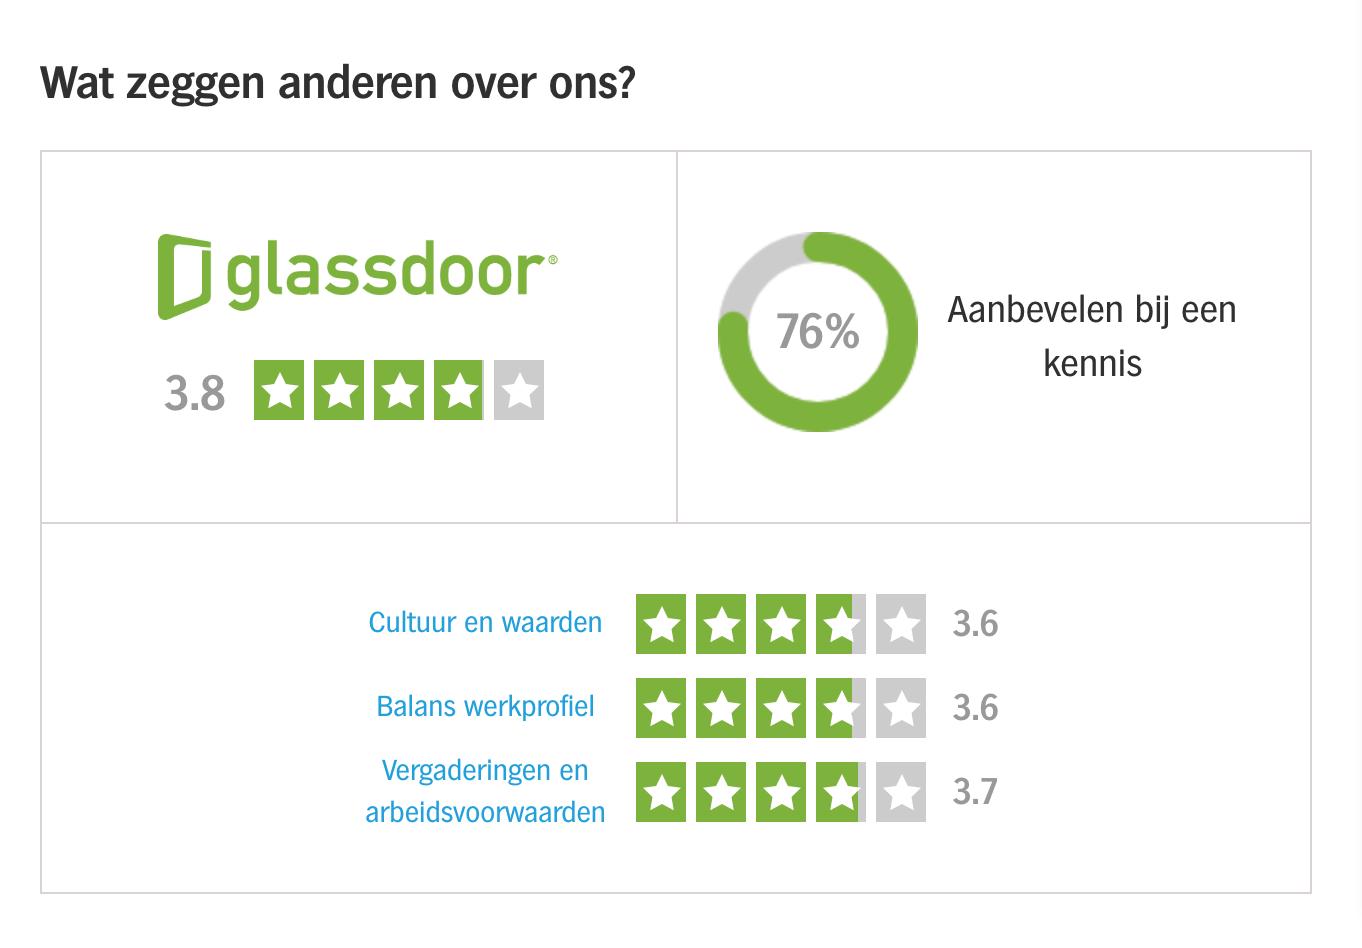 glassdoor reviews rene herremans